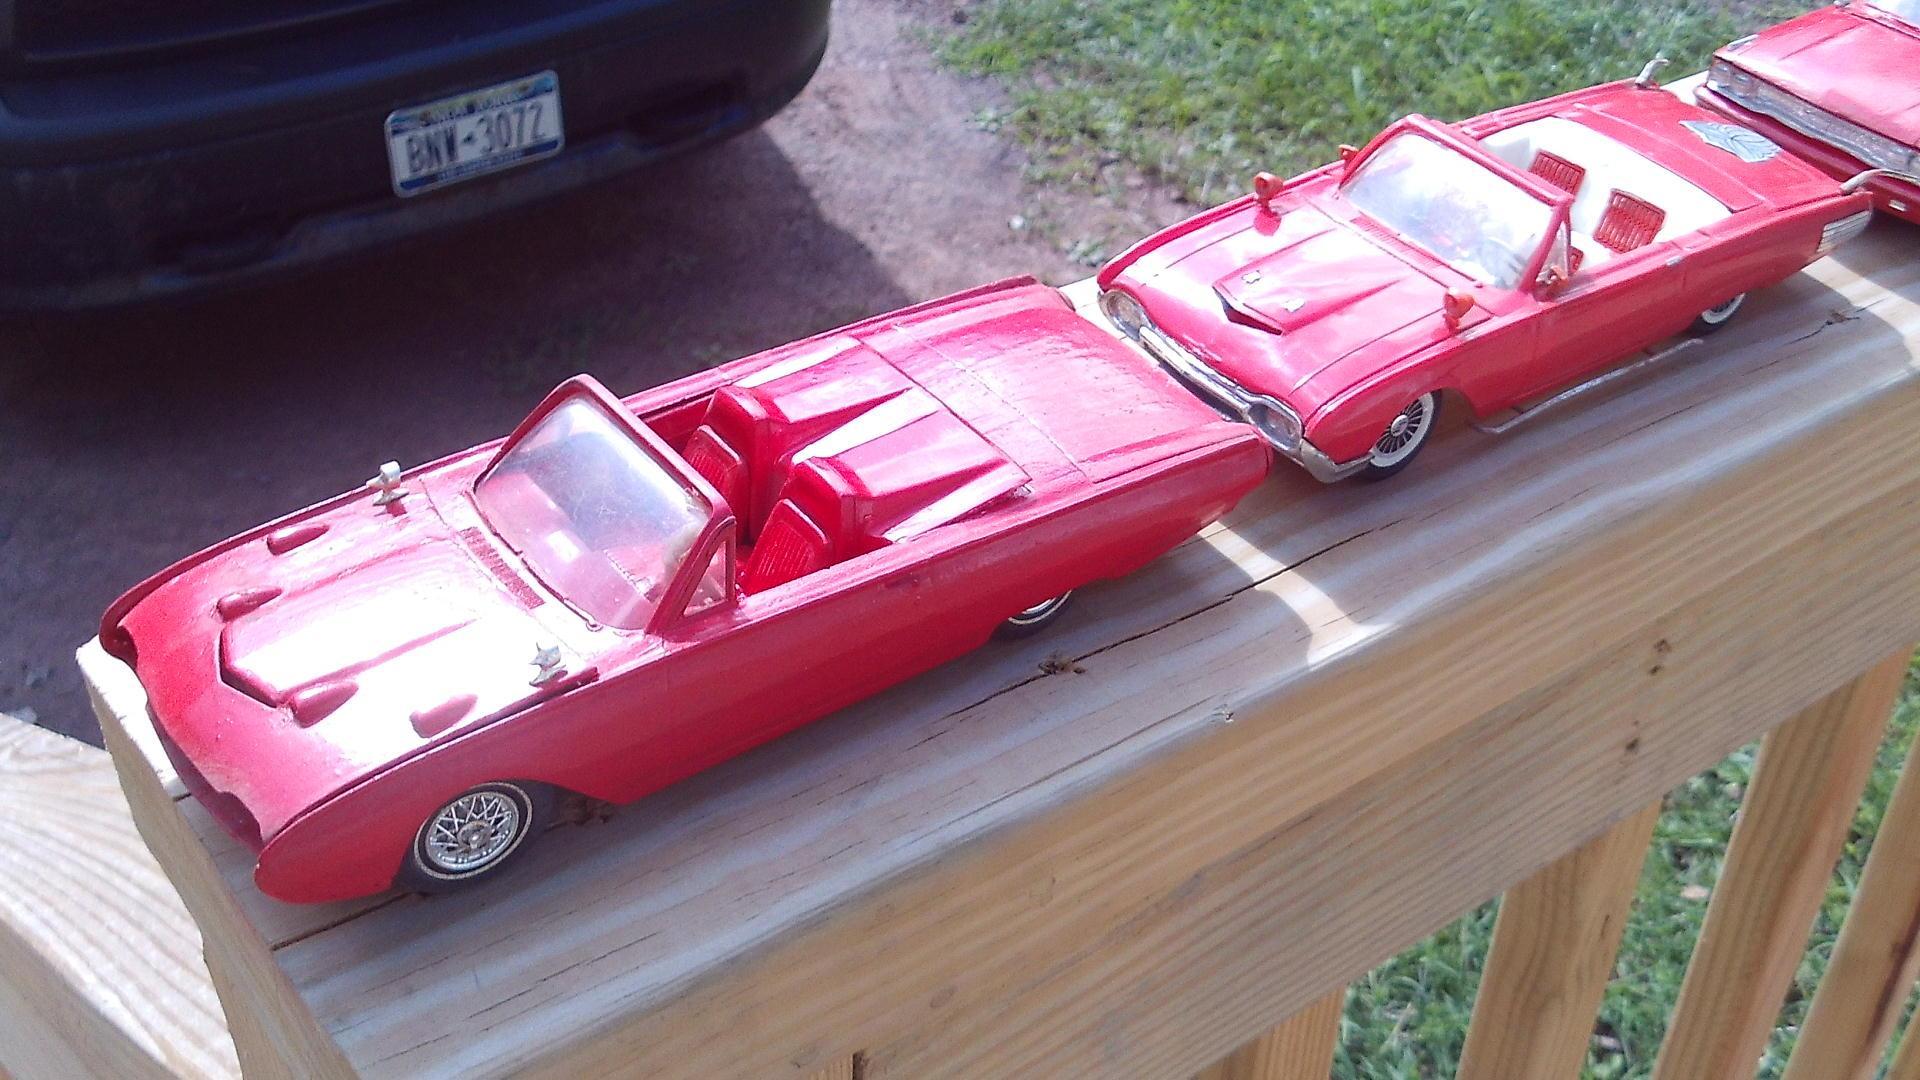 Bill's models 002.JPG